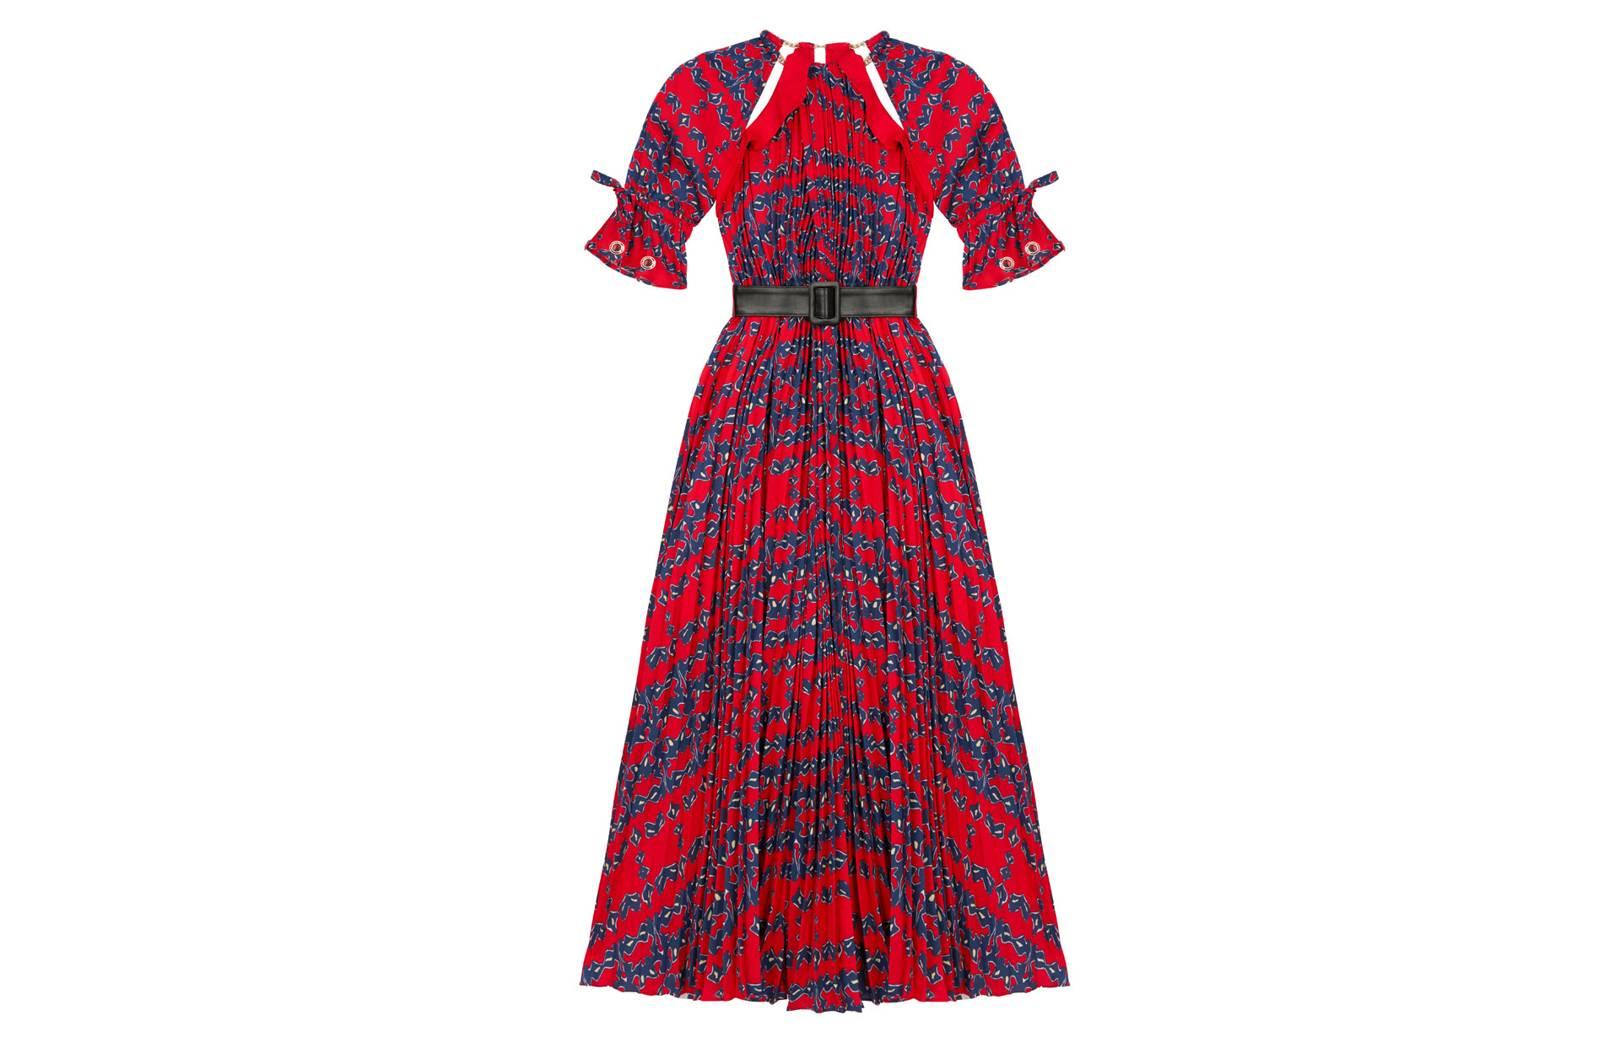 bbe6af61cc1 Summer Holiday Dresses